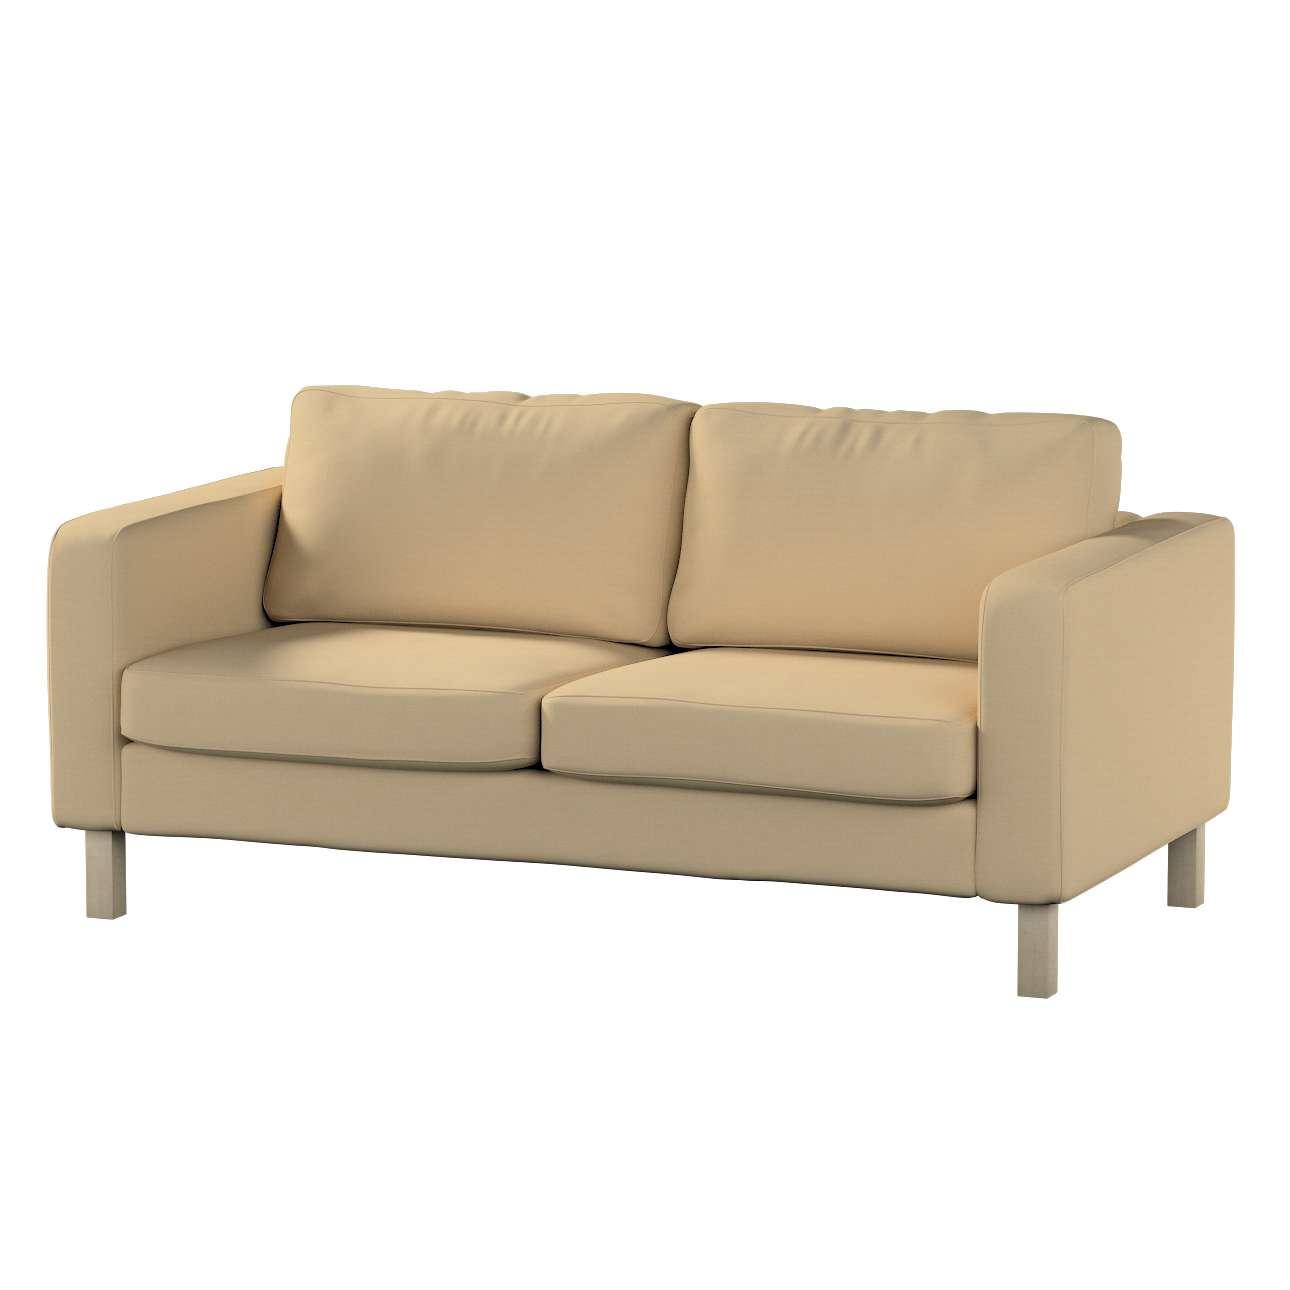 Pokrowiec na sofę Karlstad 2-osobową nierozkładaną krótki Sofa Karlstad 2-osobowa w kolekcji Cotton Panama, tkanina: 702-01